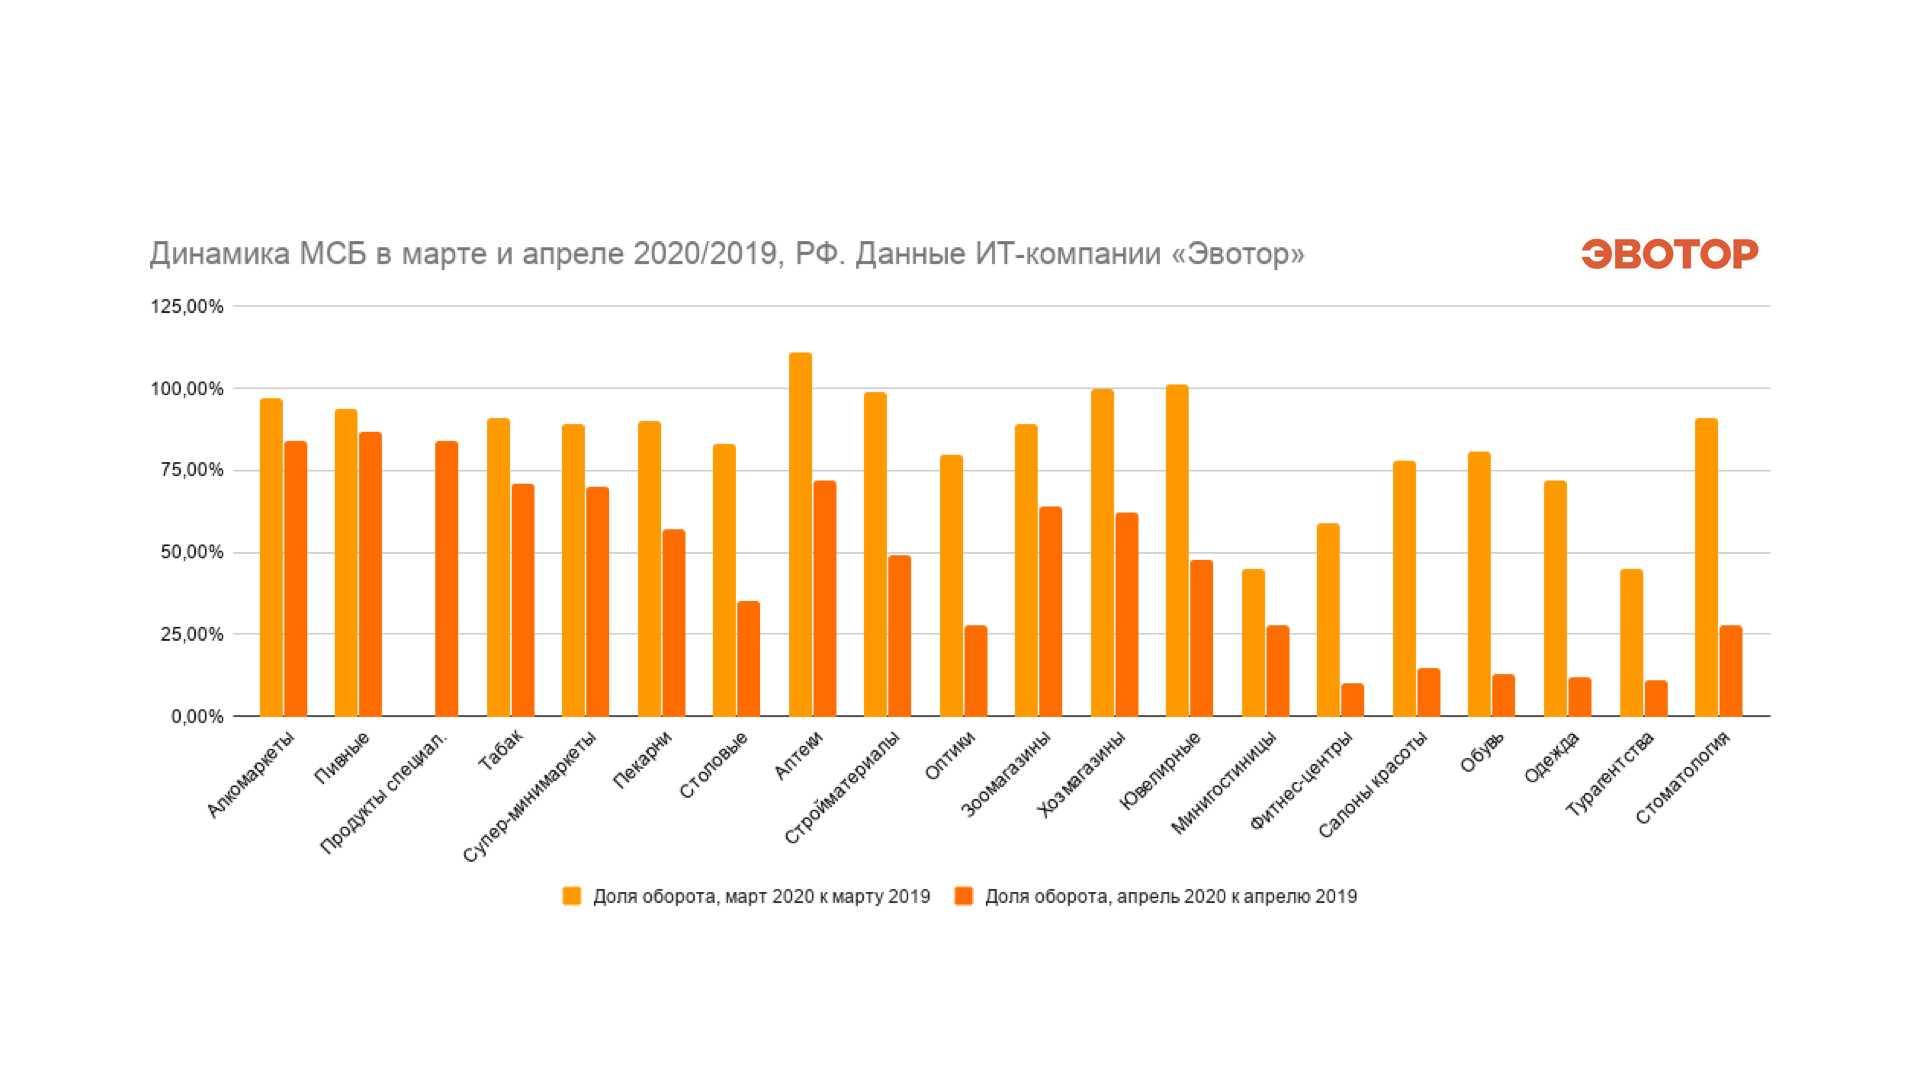 В россии ввели ограничения на продажи iphone. их можно обойти - cnews